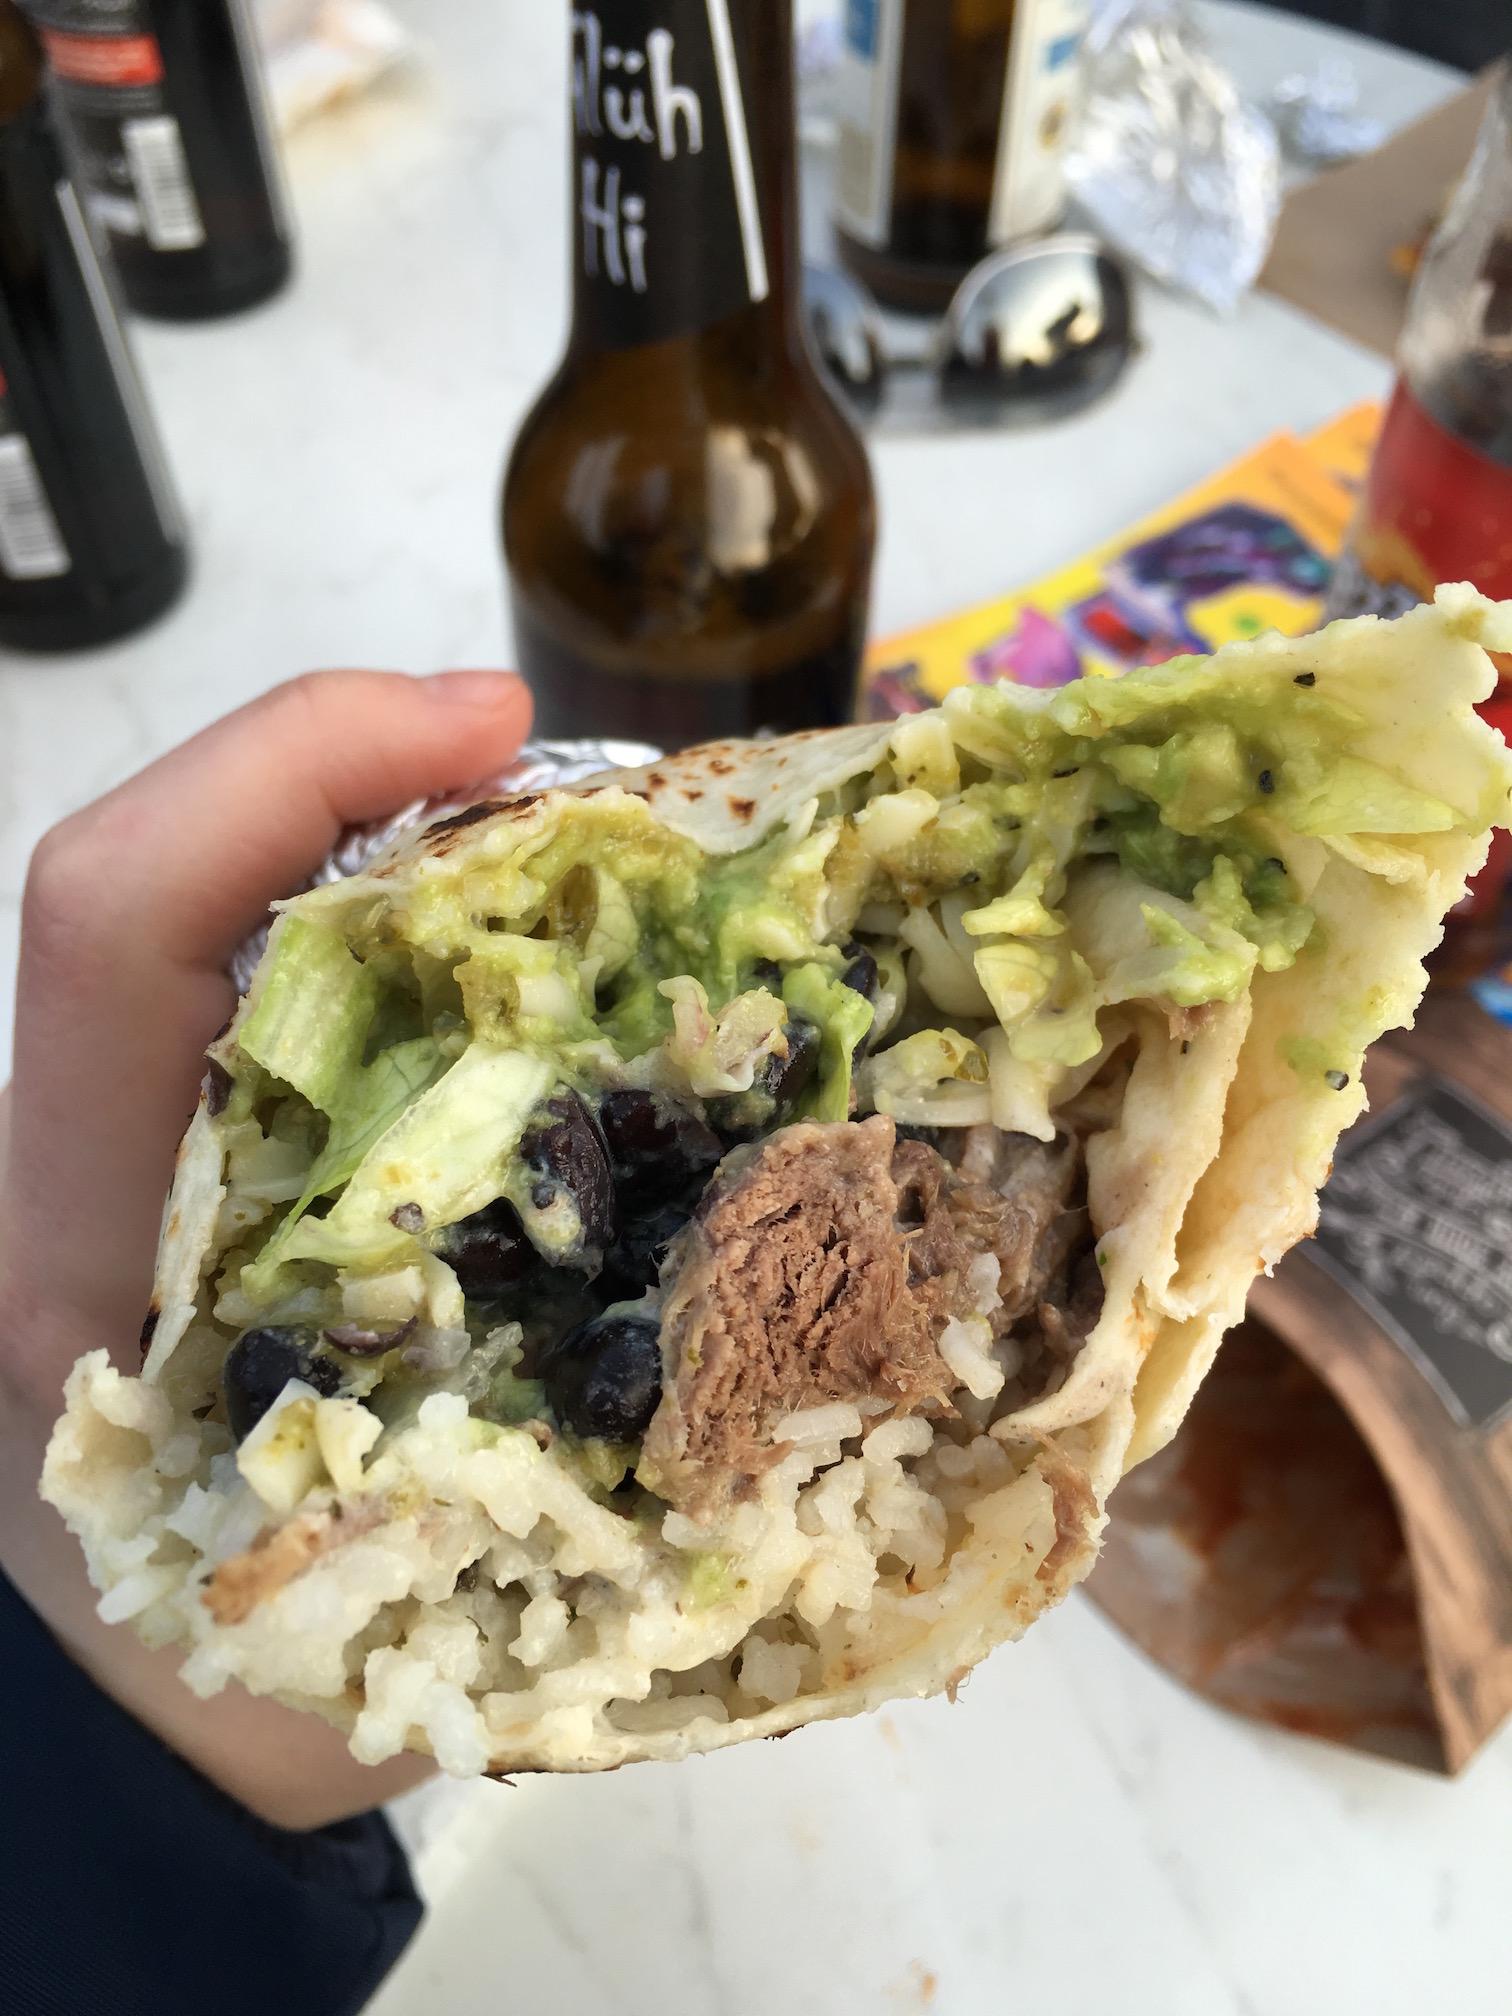 Burrito  from  La Jefa